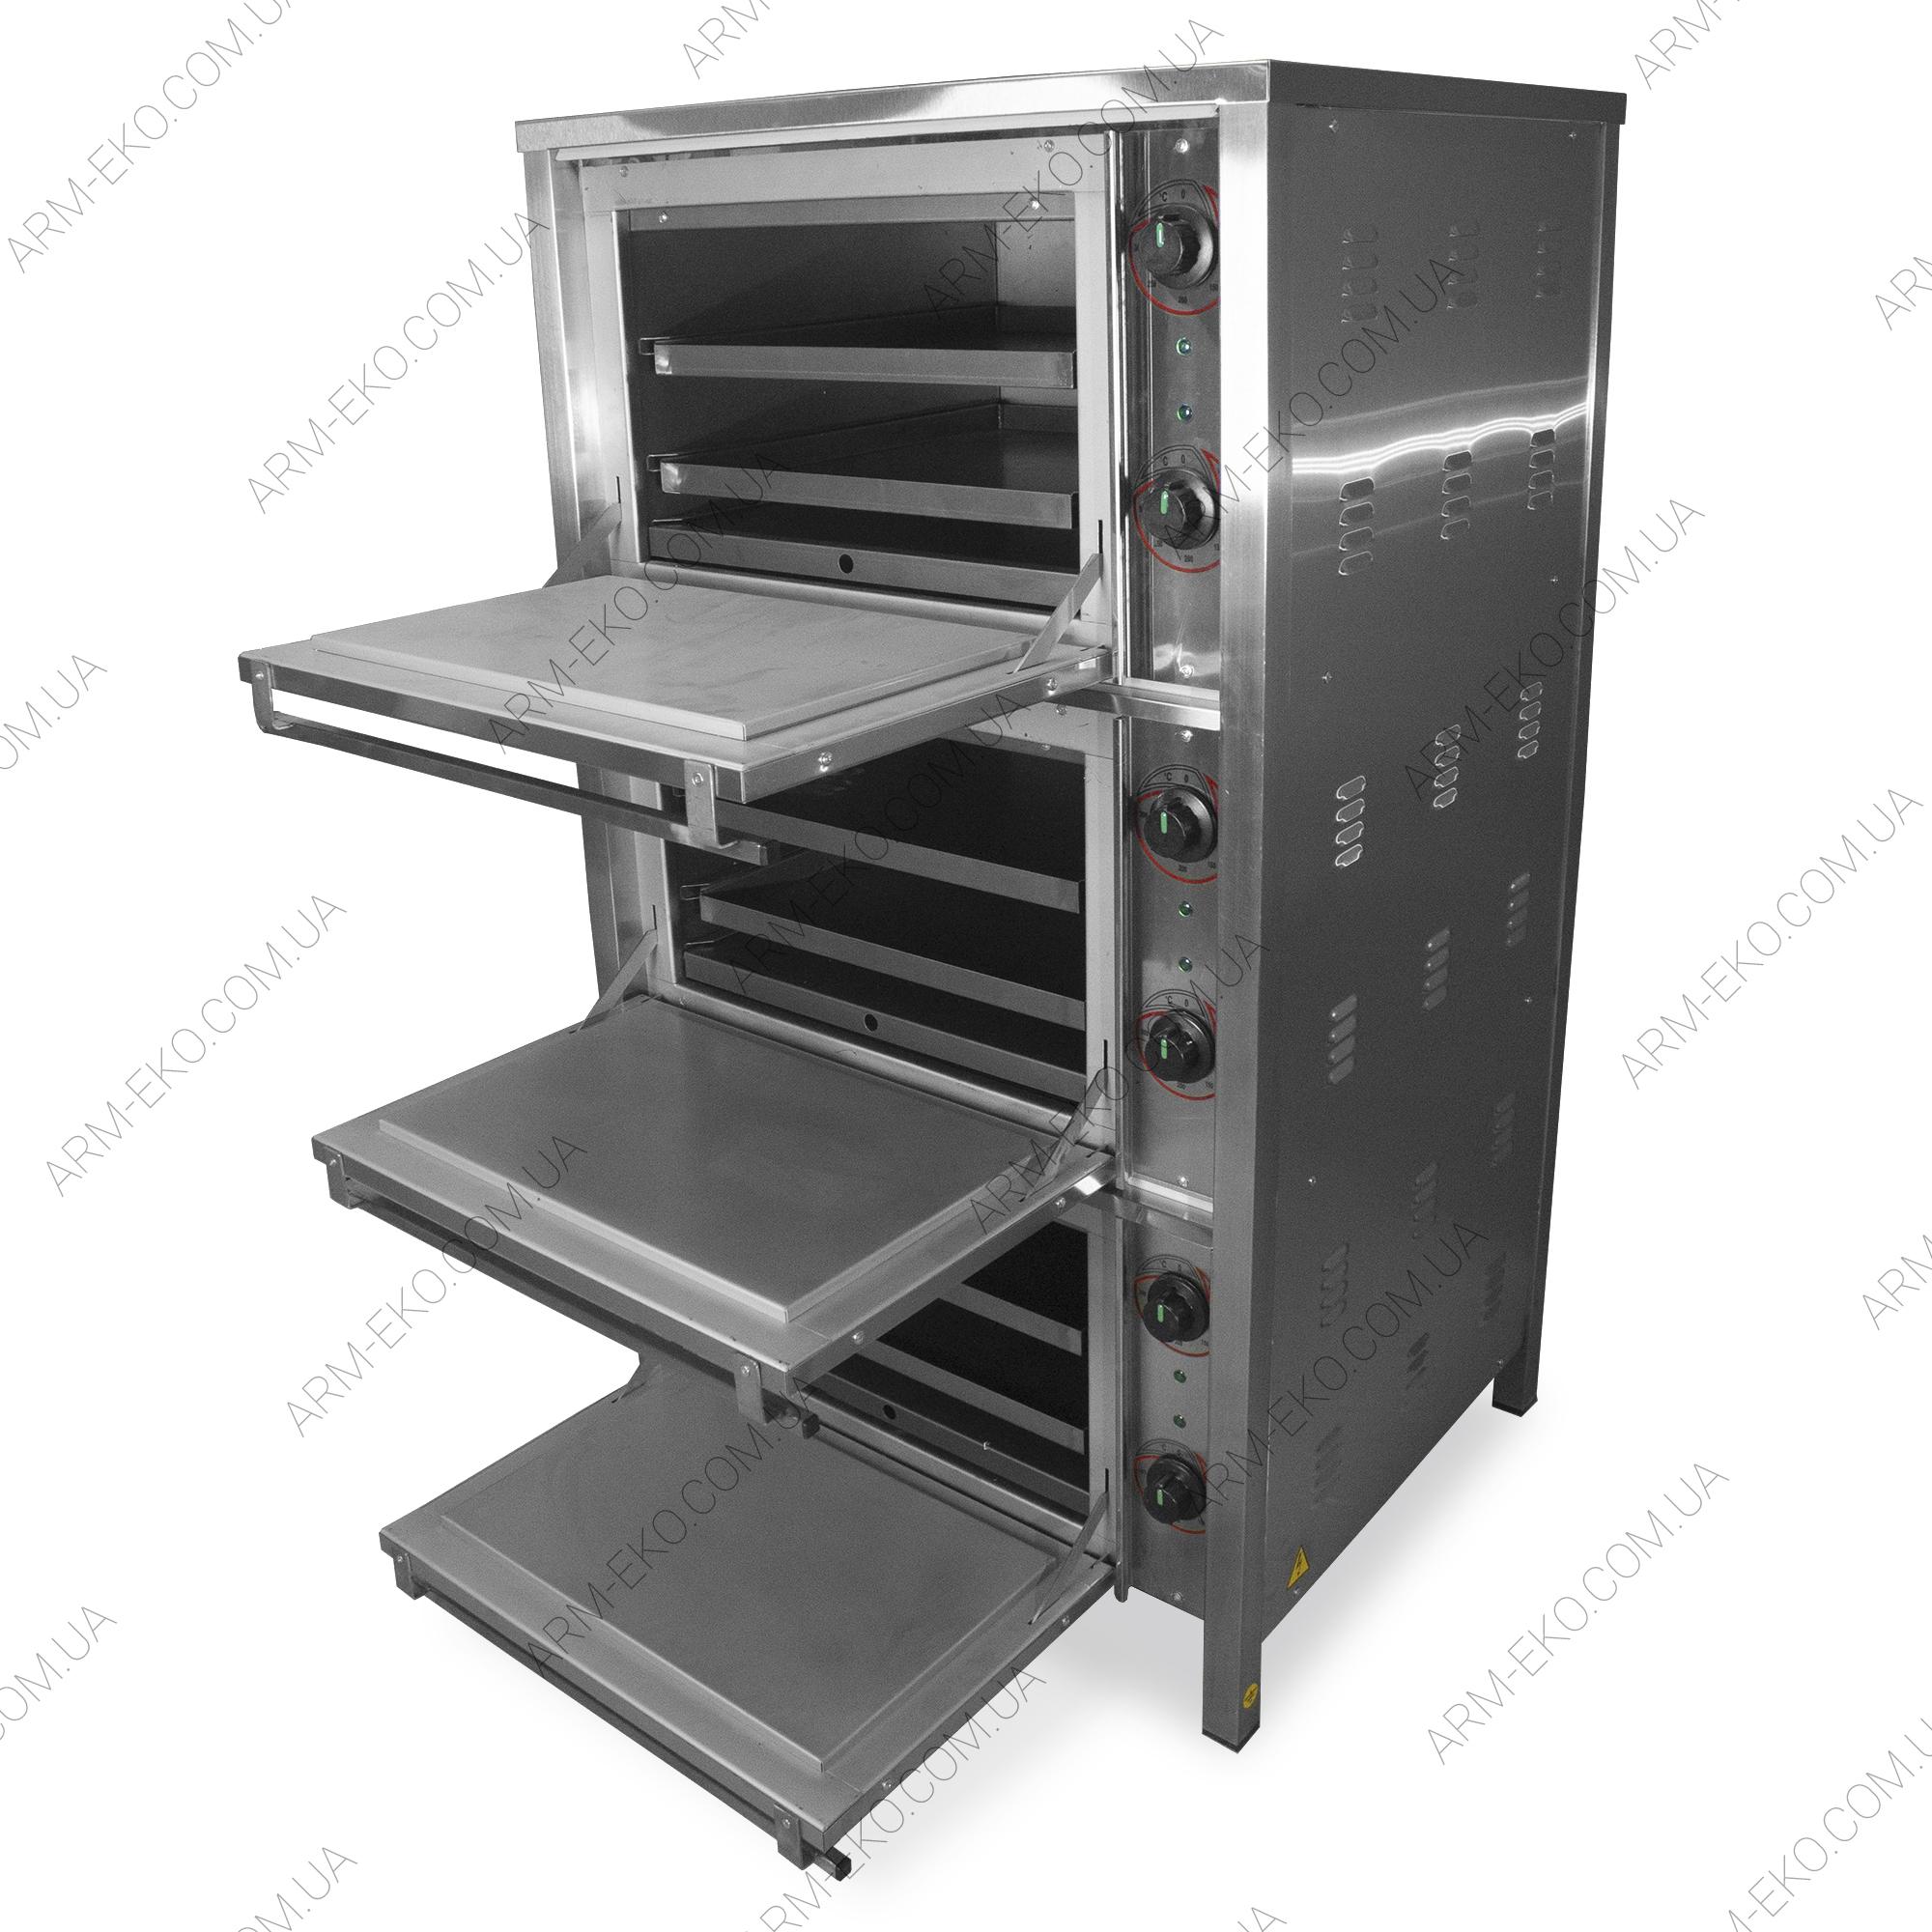 Трехкамерный жарочный шкаф АРМ-ЭКО ШЖЭ 3Н